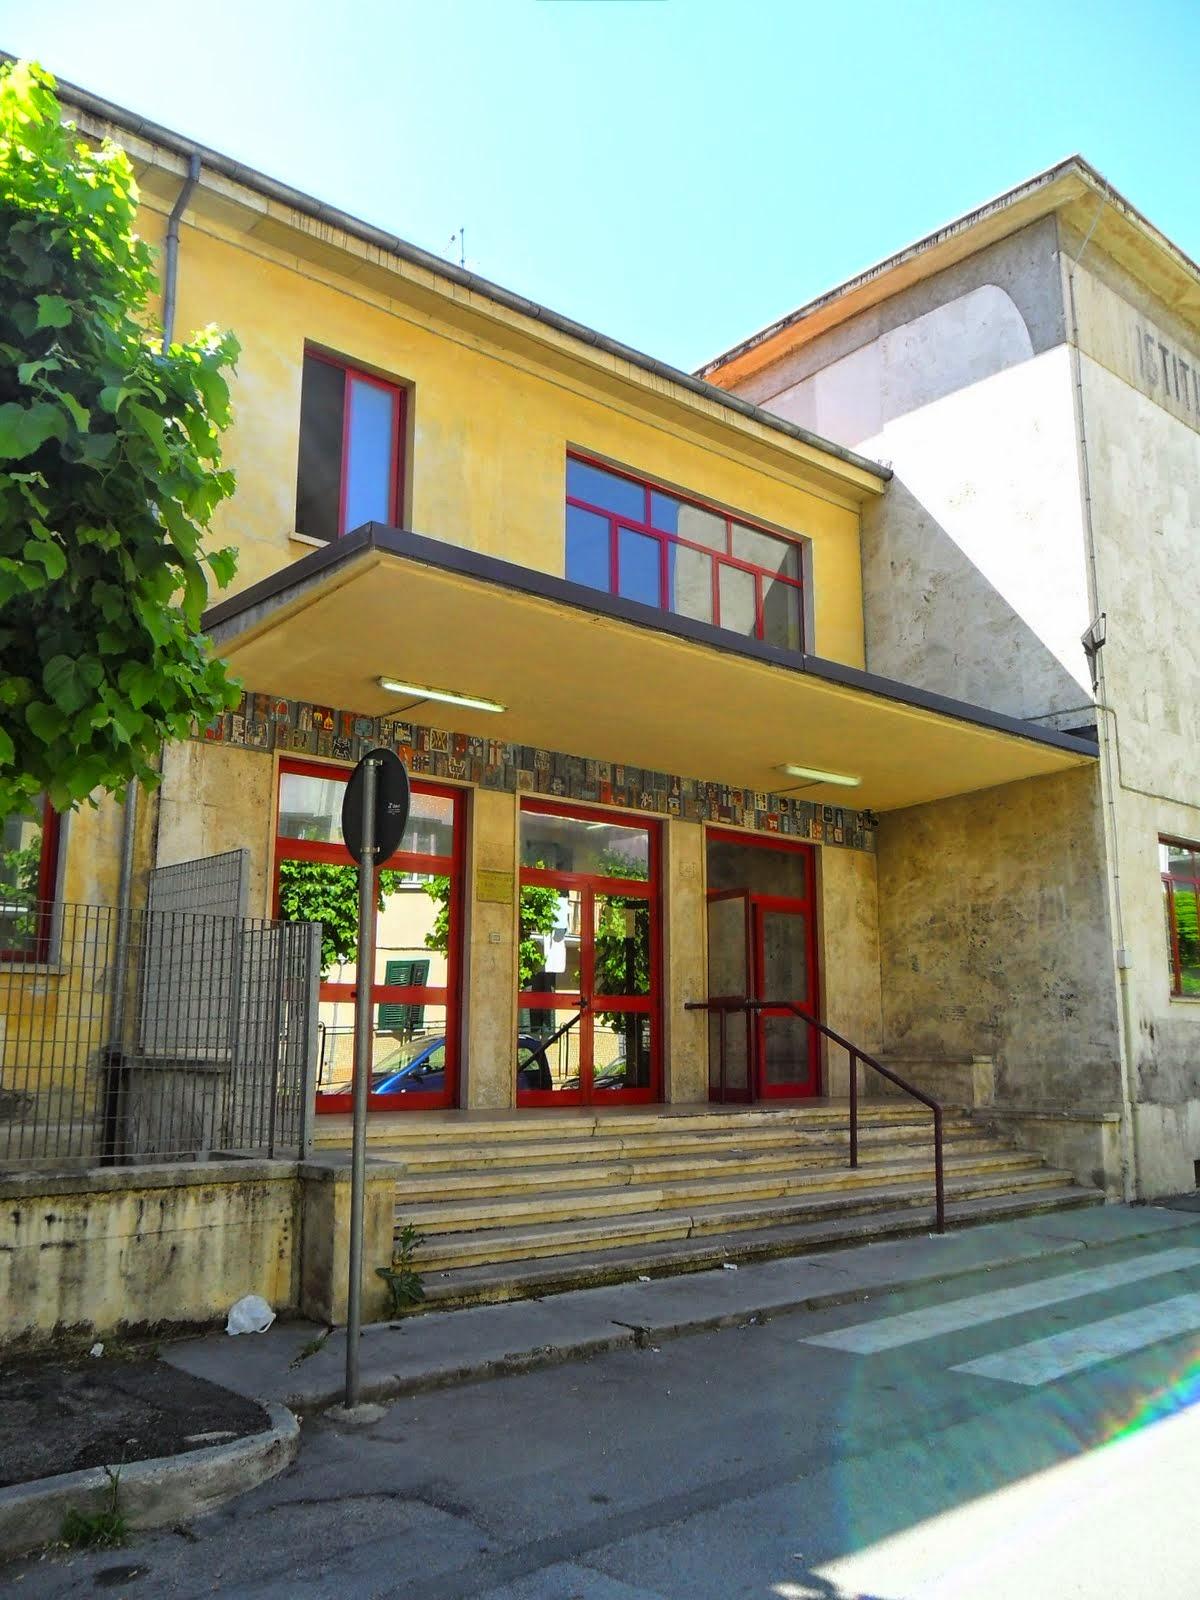 Centroabruzzonews istituto superiore ovidio promuove for Istituto superiore